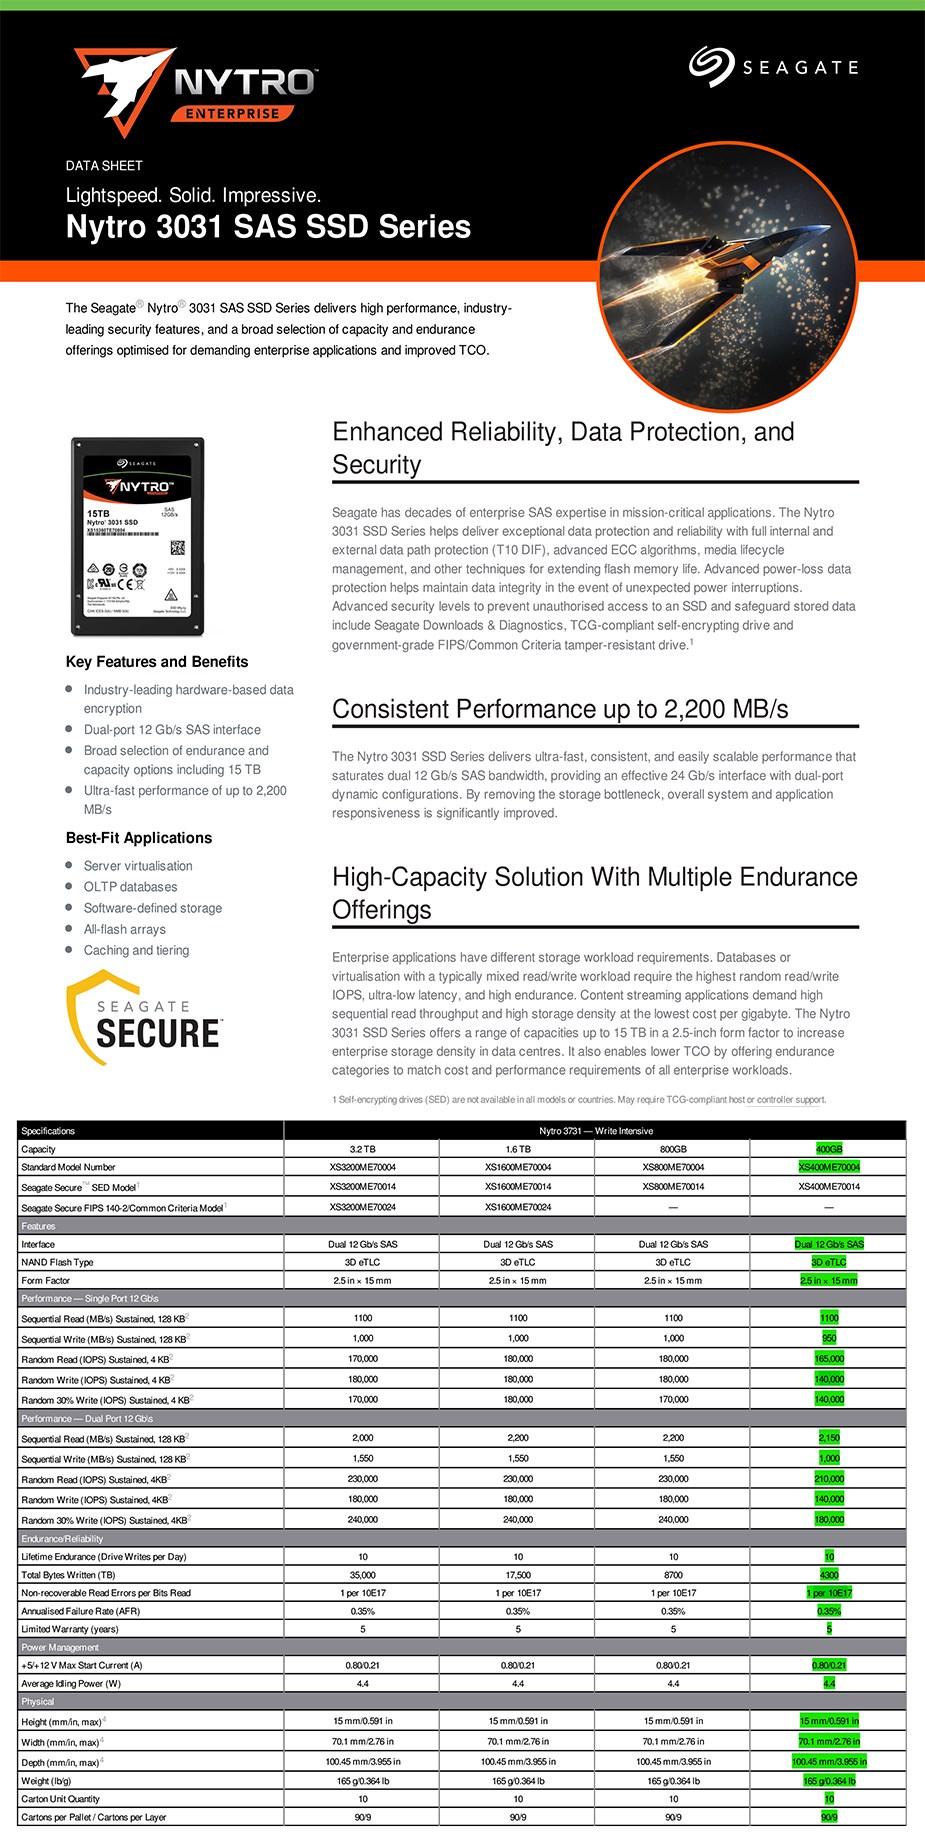 """Seagate Nytro 3731 XS400ME70004 400GB 2.5"""" SAS Enterprise SSD - Overview 1"""